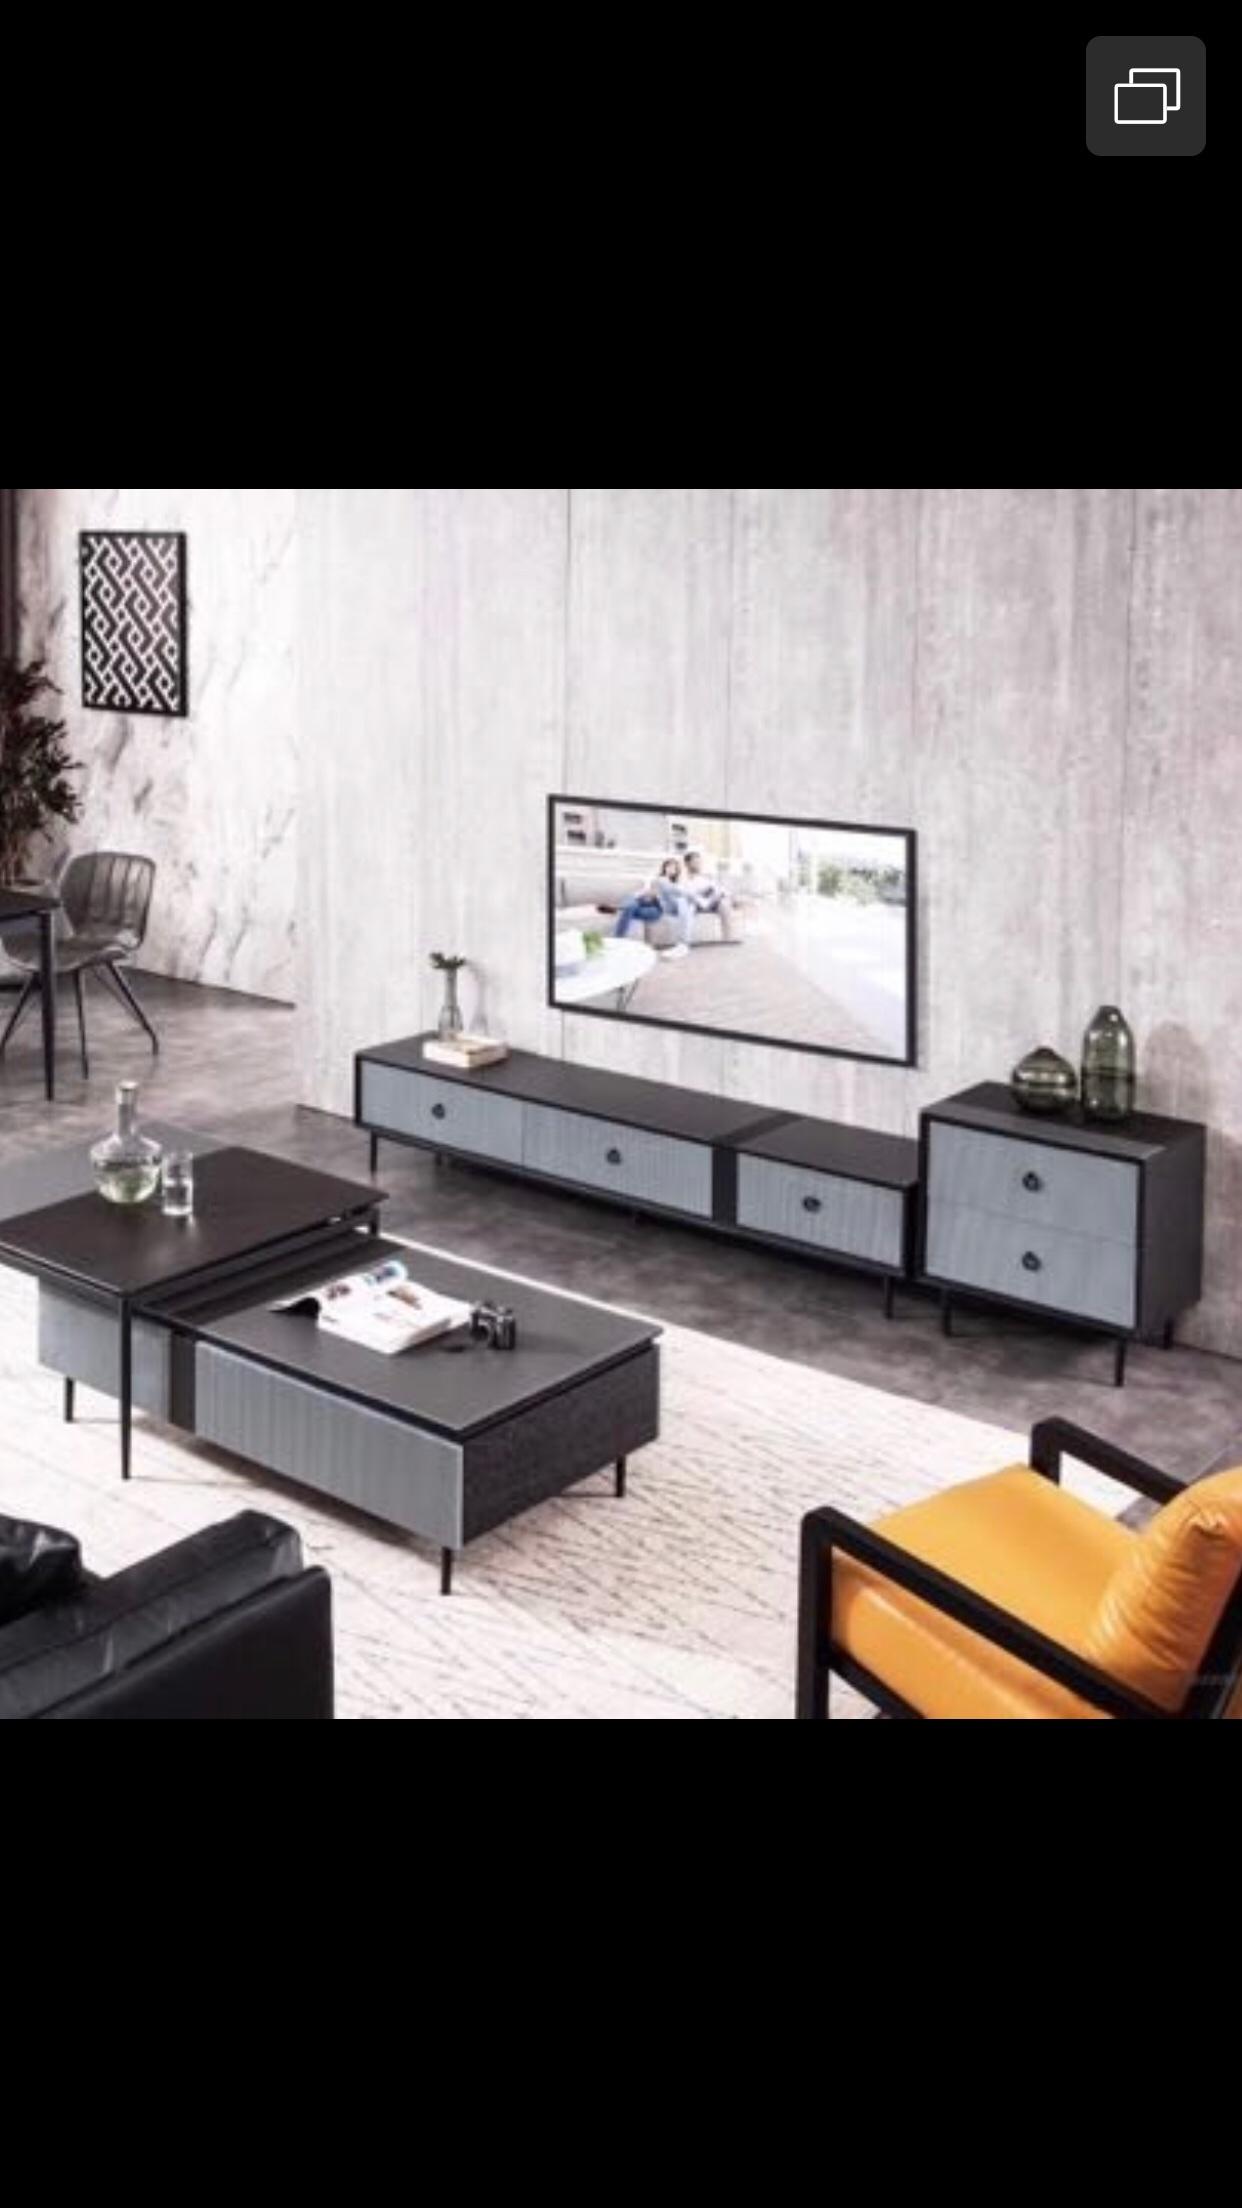 这套电视柜配什么颜色的背景墙比较有特色?